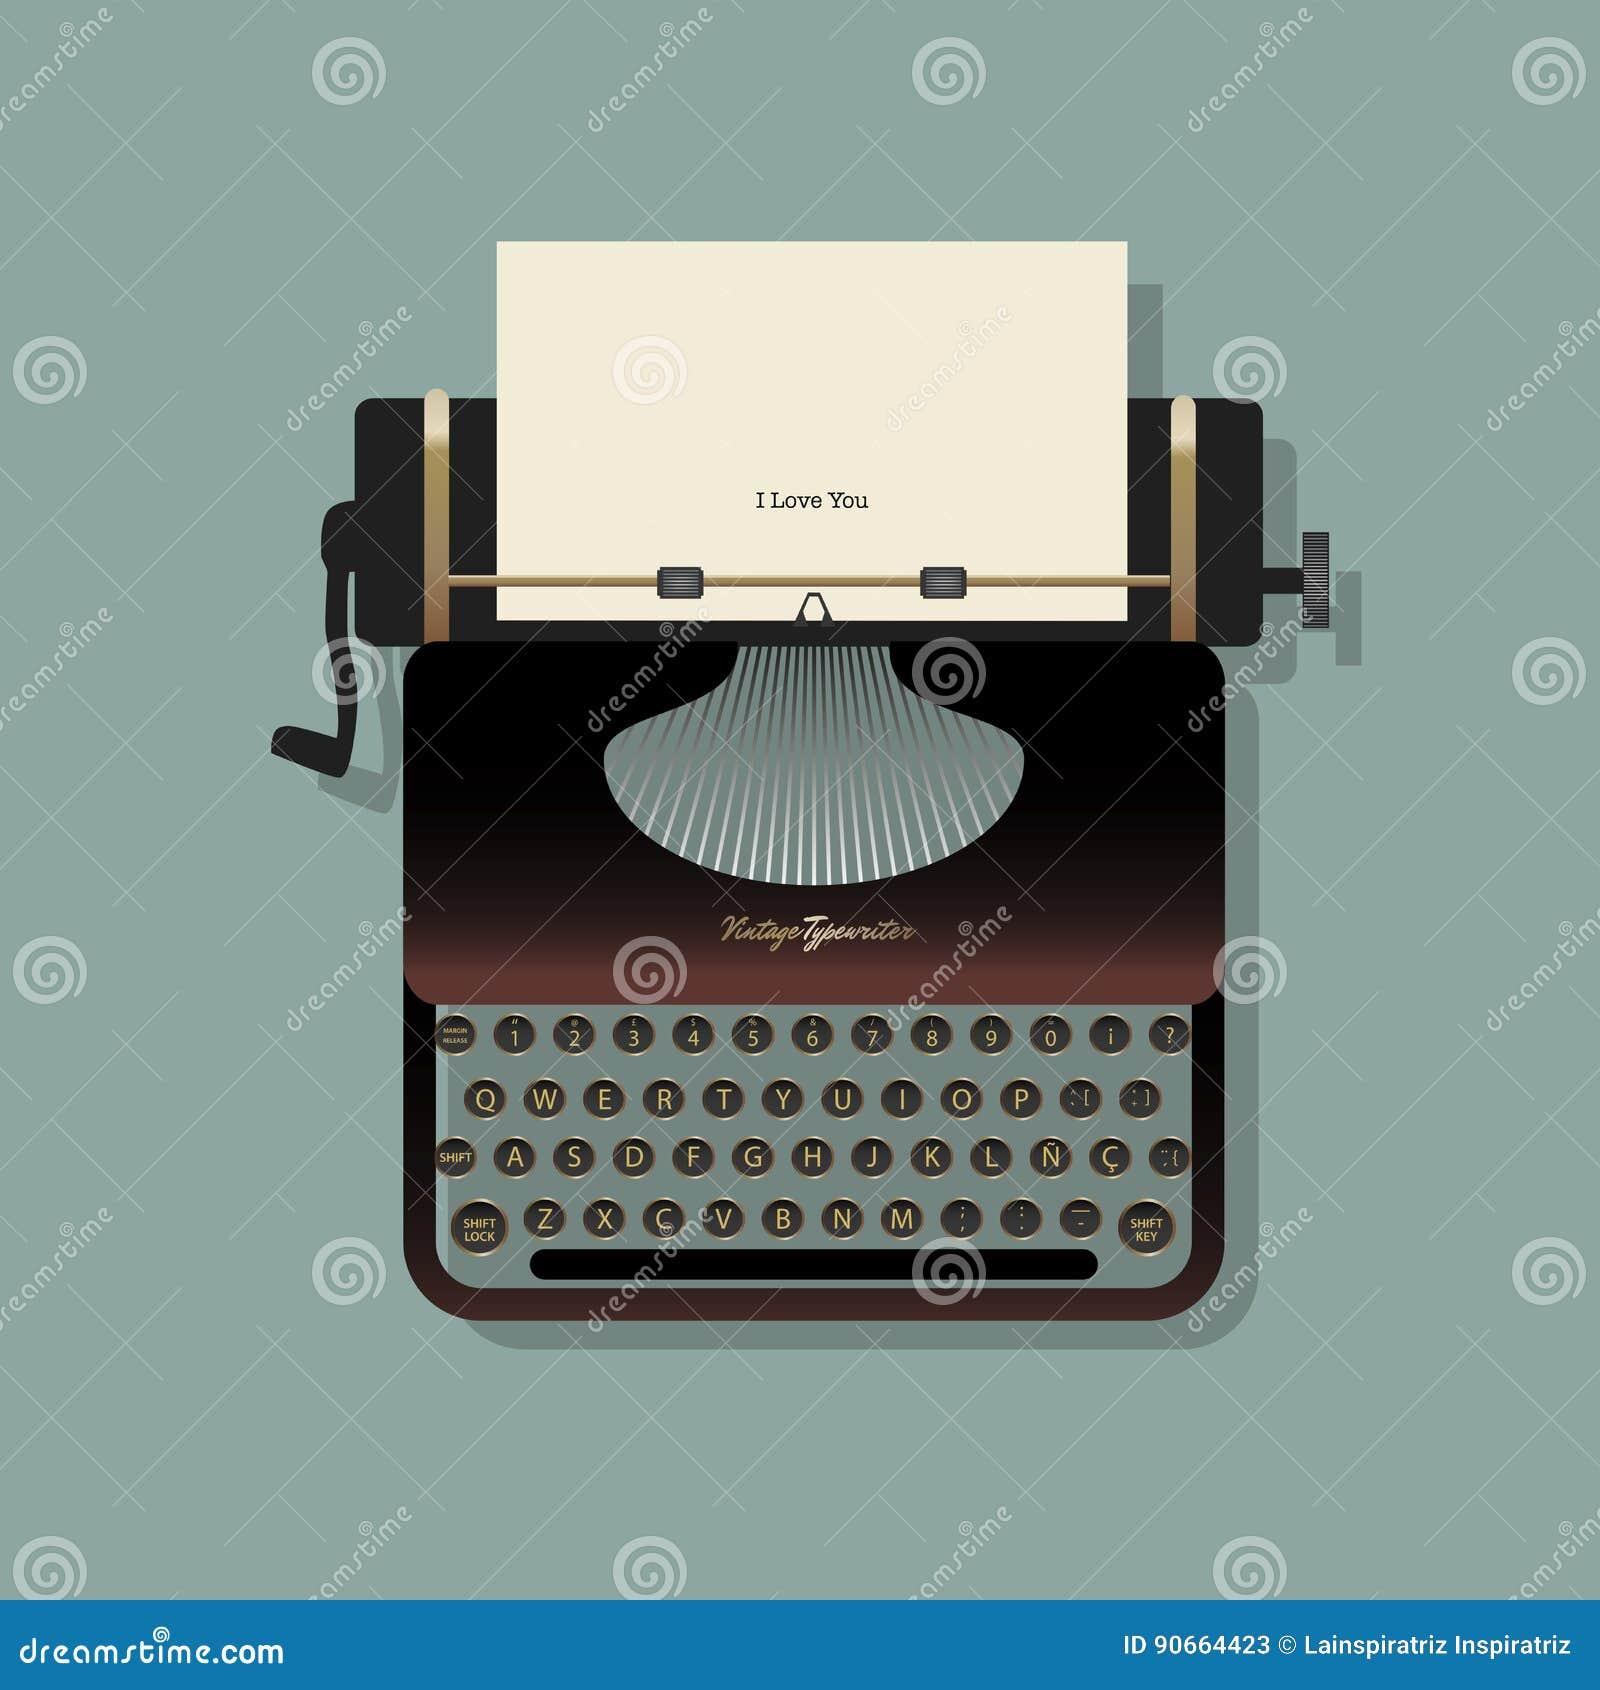 Máquina de escribir vieja con una hoja de papel y un mensaje escrito